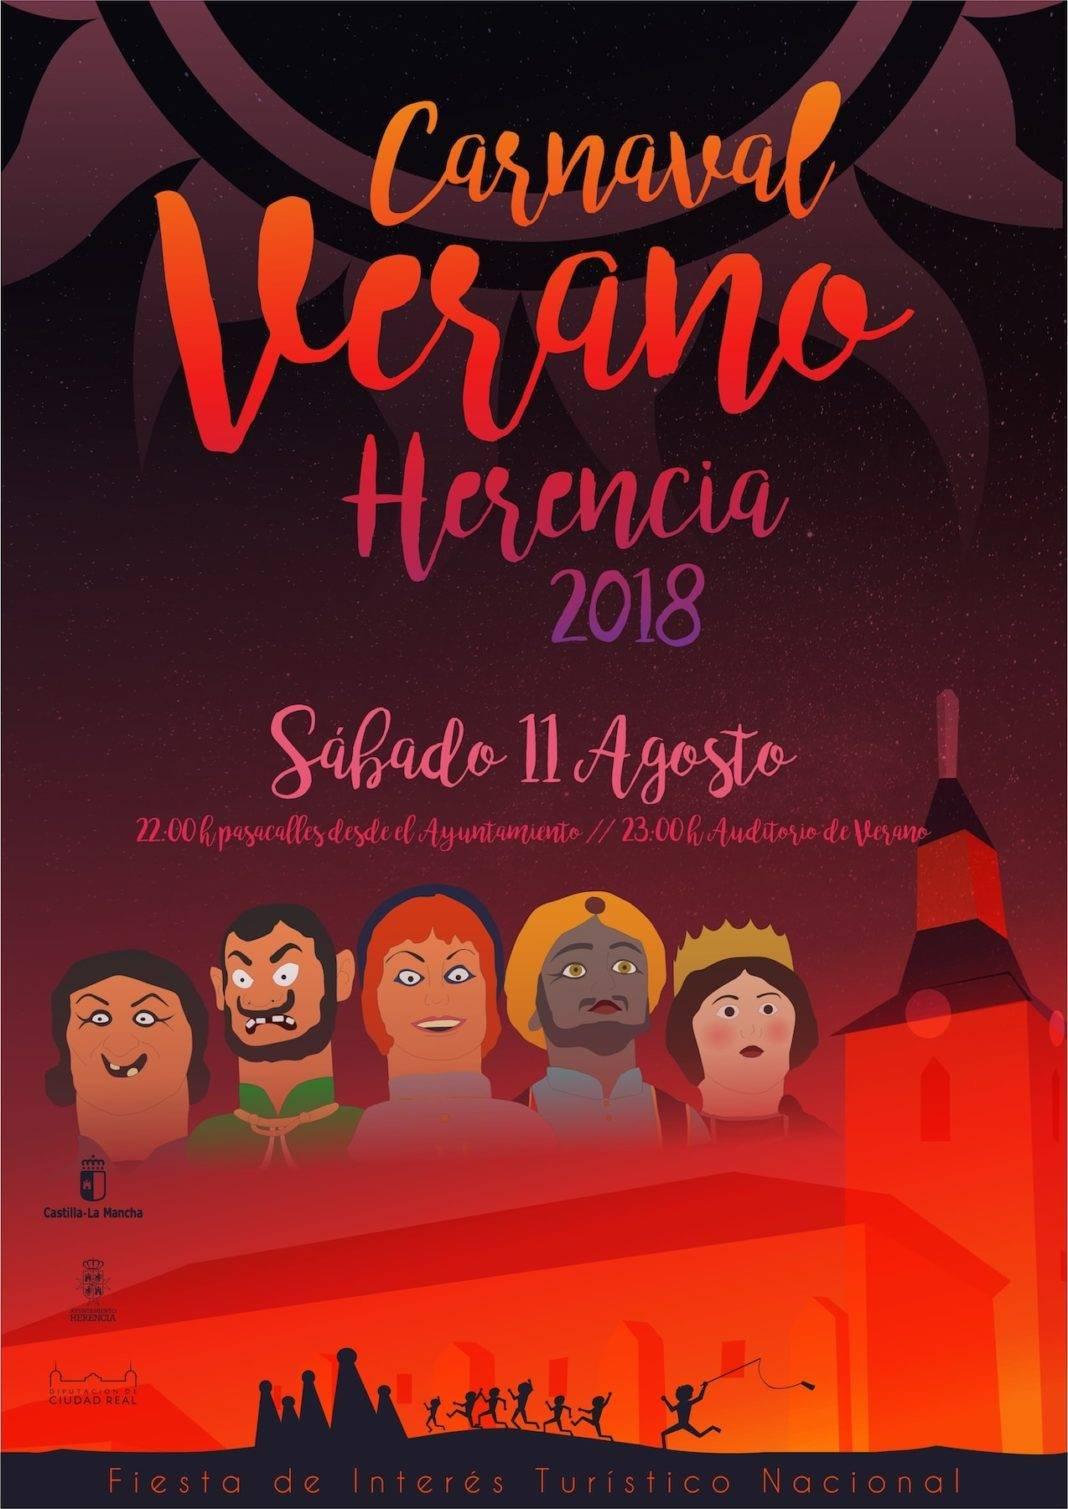 El sábado 11 Herencia vivirá su carnaval de verano 7